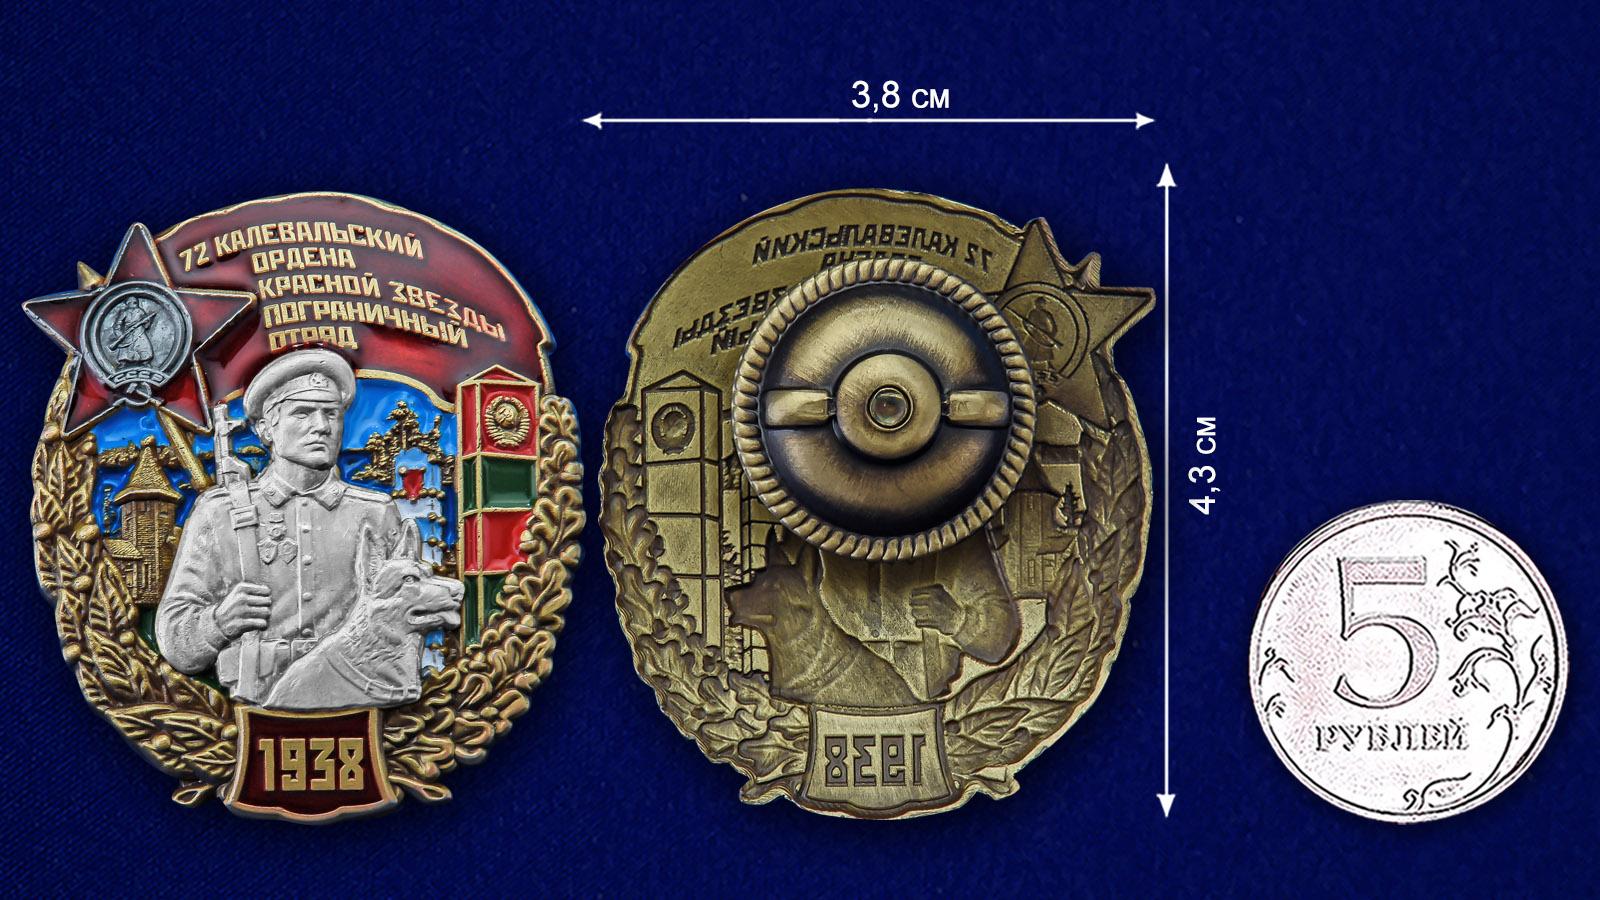 Нагрудный знак 72 Калевальский ордена Красной звезды пограничный отряд - сравнительный вид